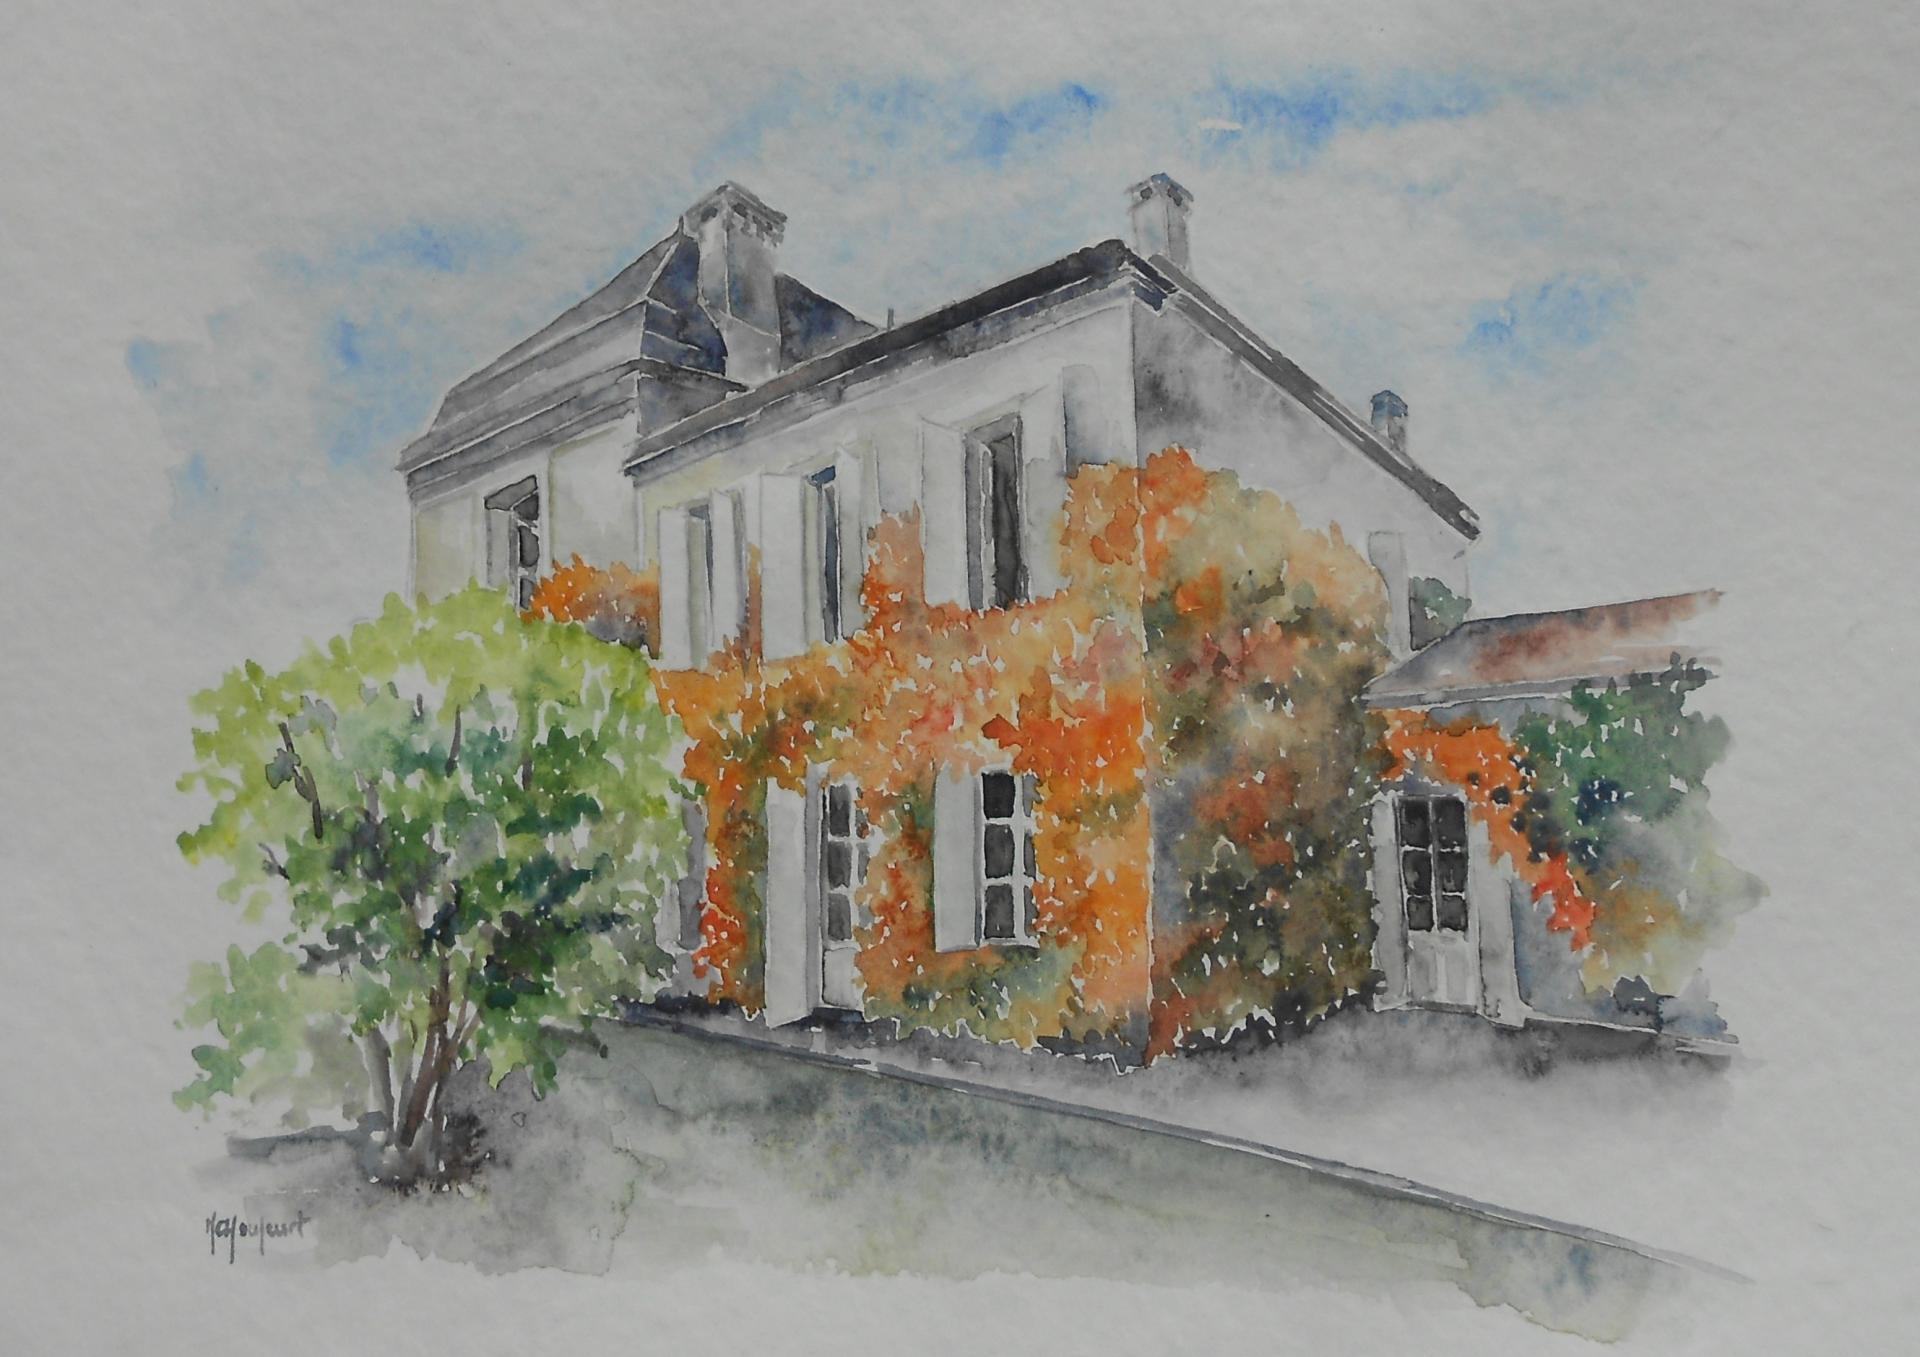 Une id e cadeau faites r aliser votre maison l 39 aquarelle for Faites votre propre maison